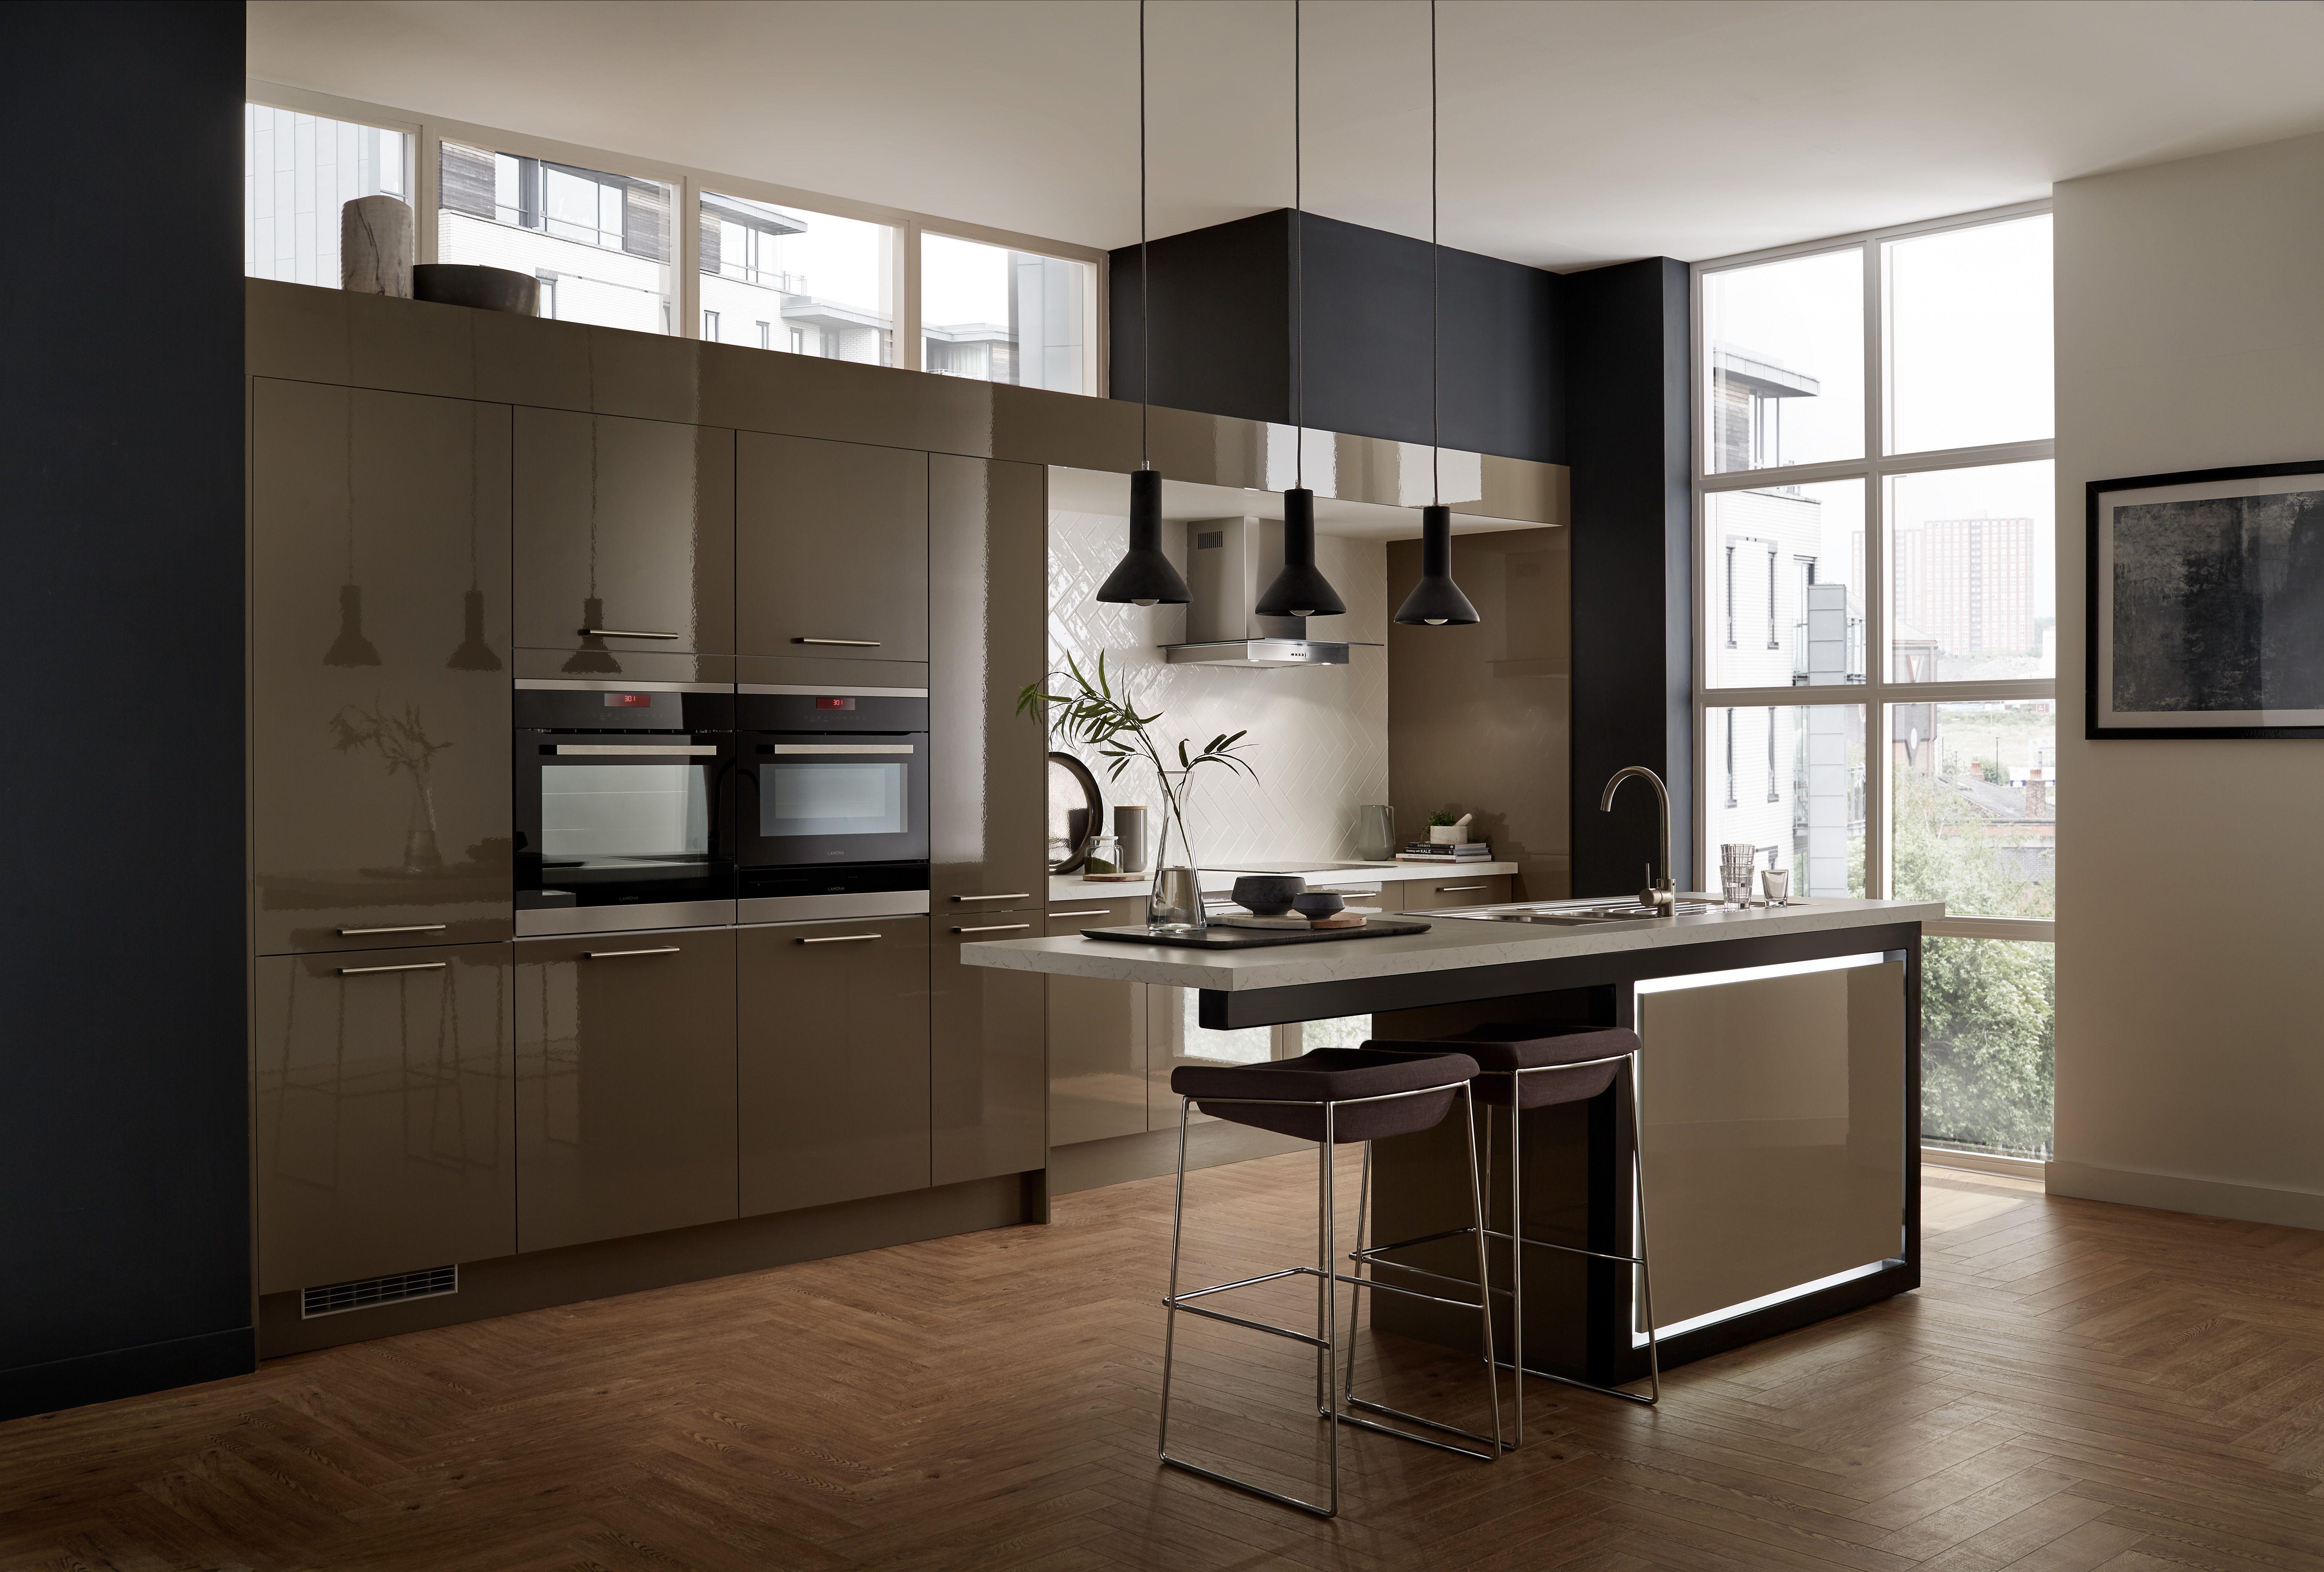 Kitchens Kitchen design, Howdens kitchens, Interior